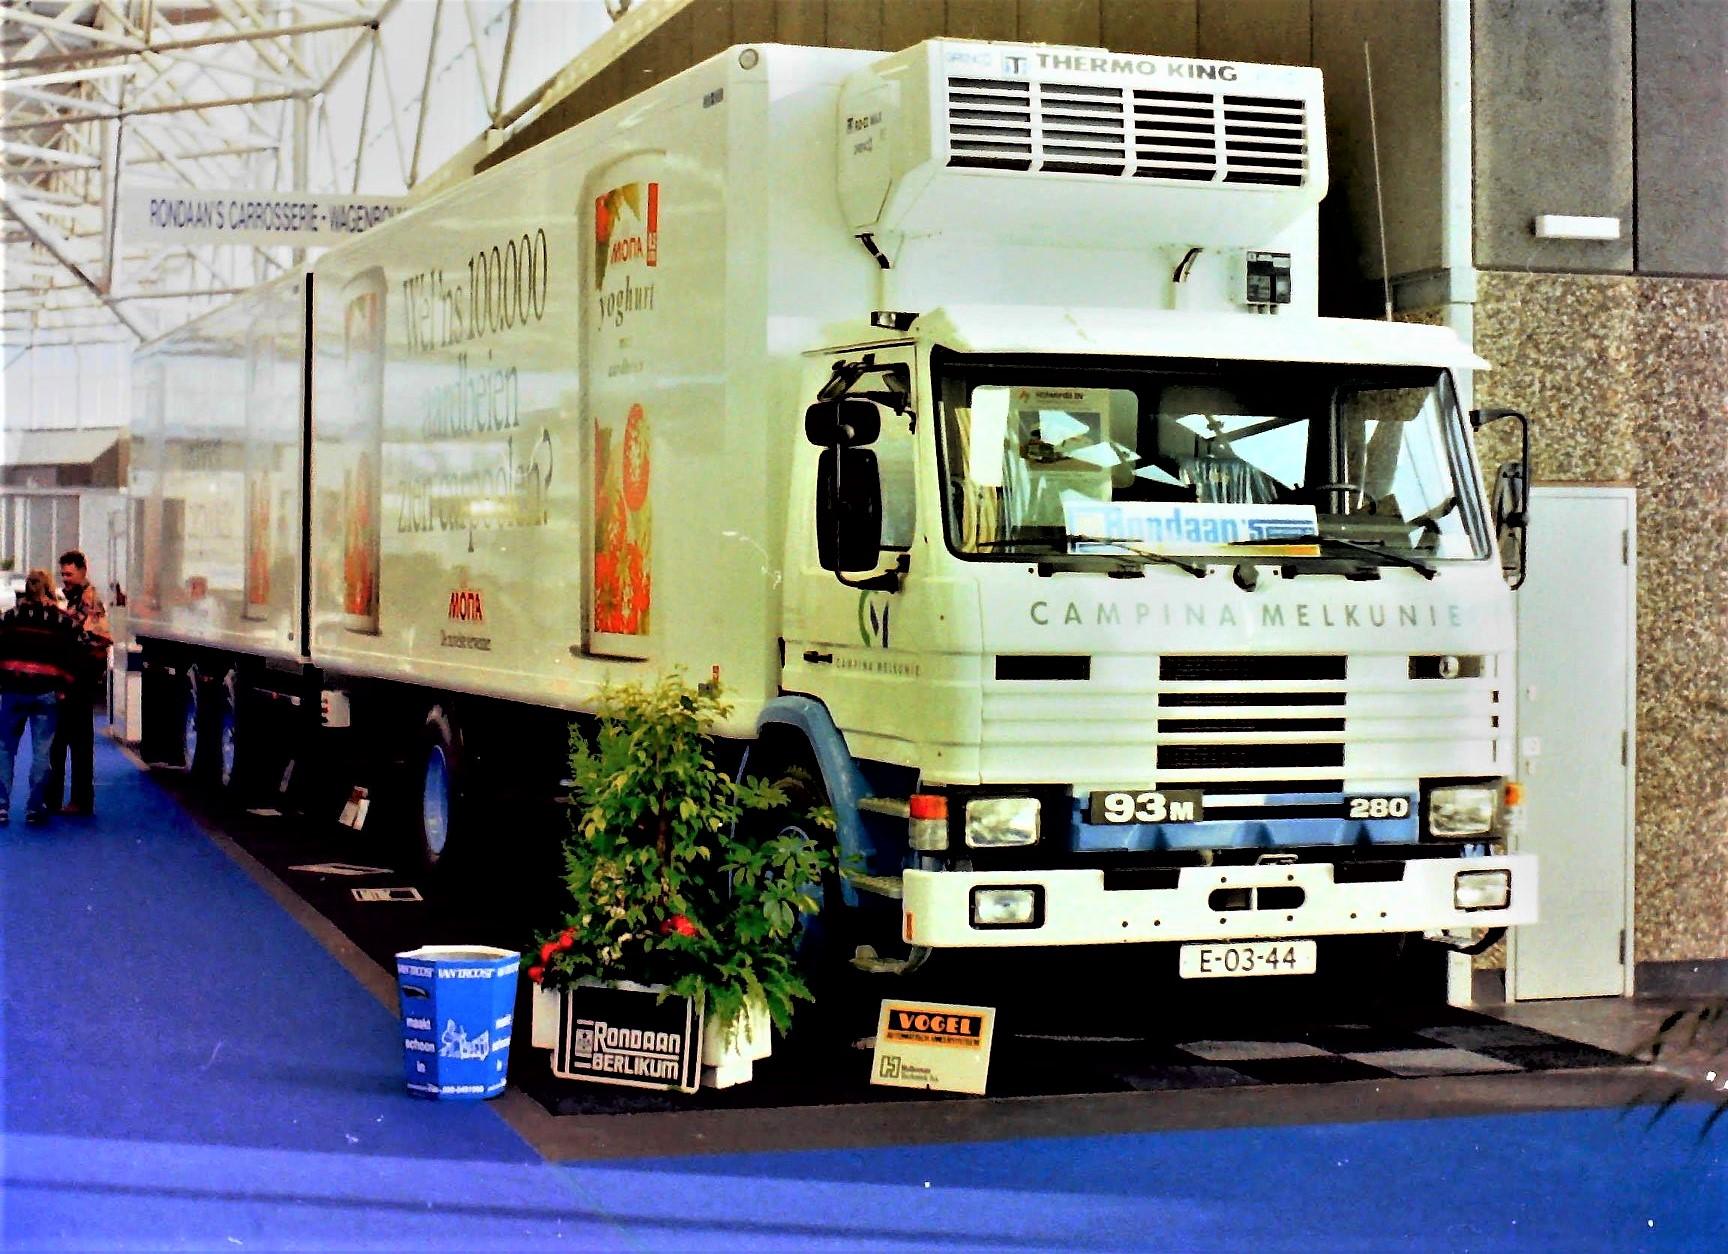 Scania-93-M-RAF-wipkar-Lollo-Rondaan-archief